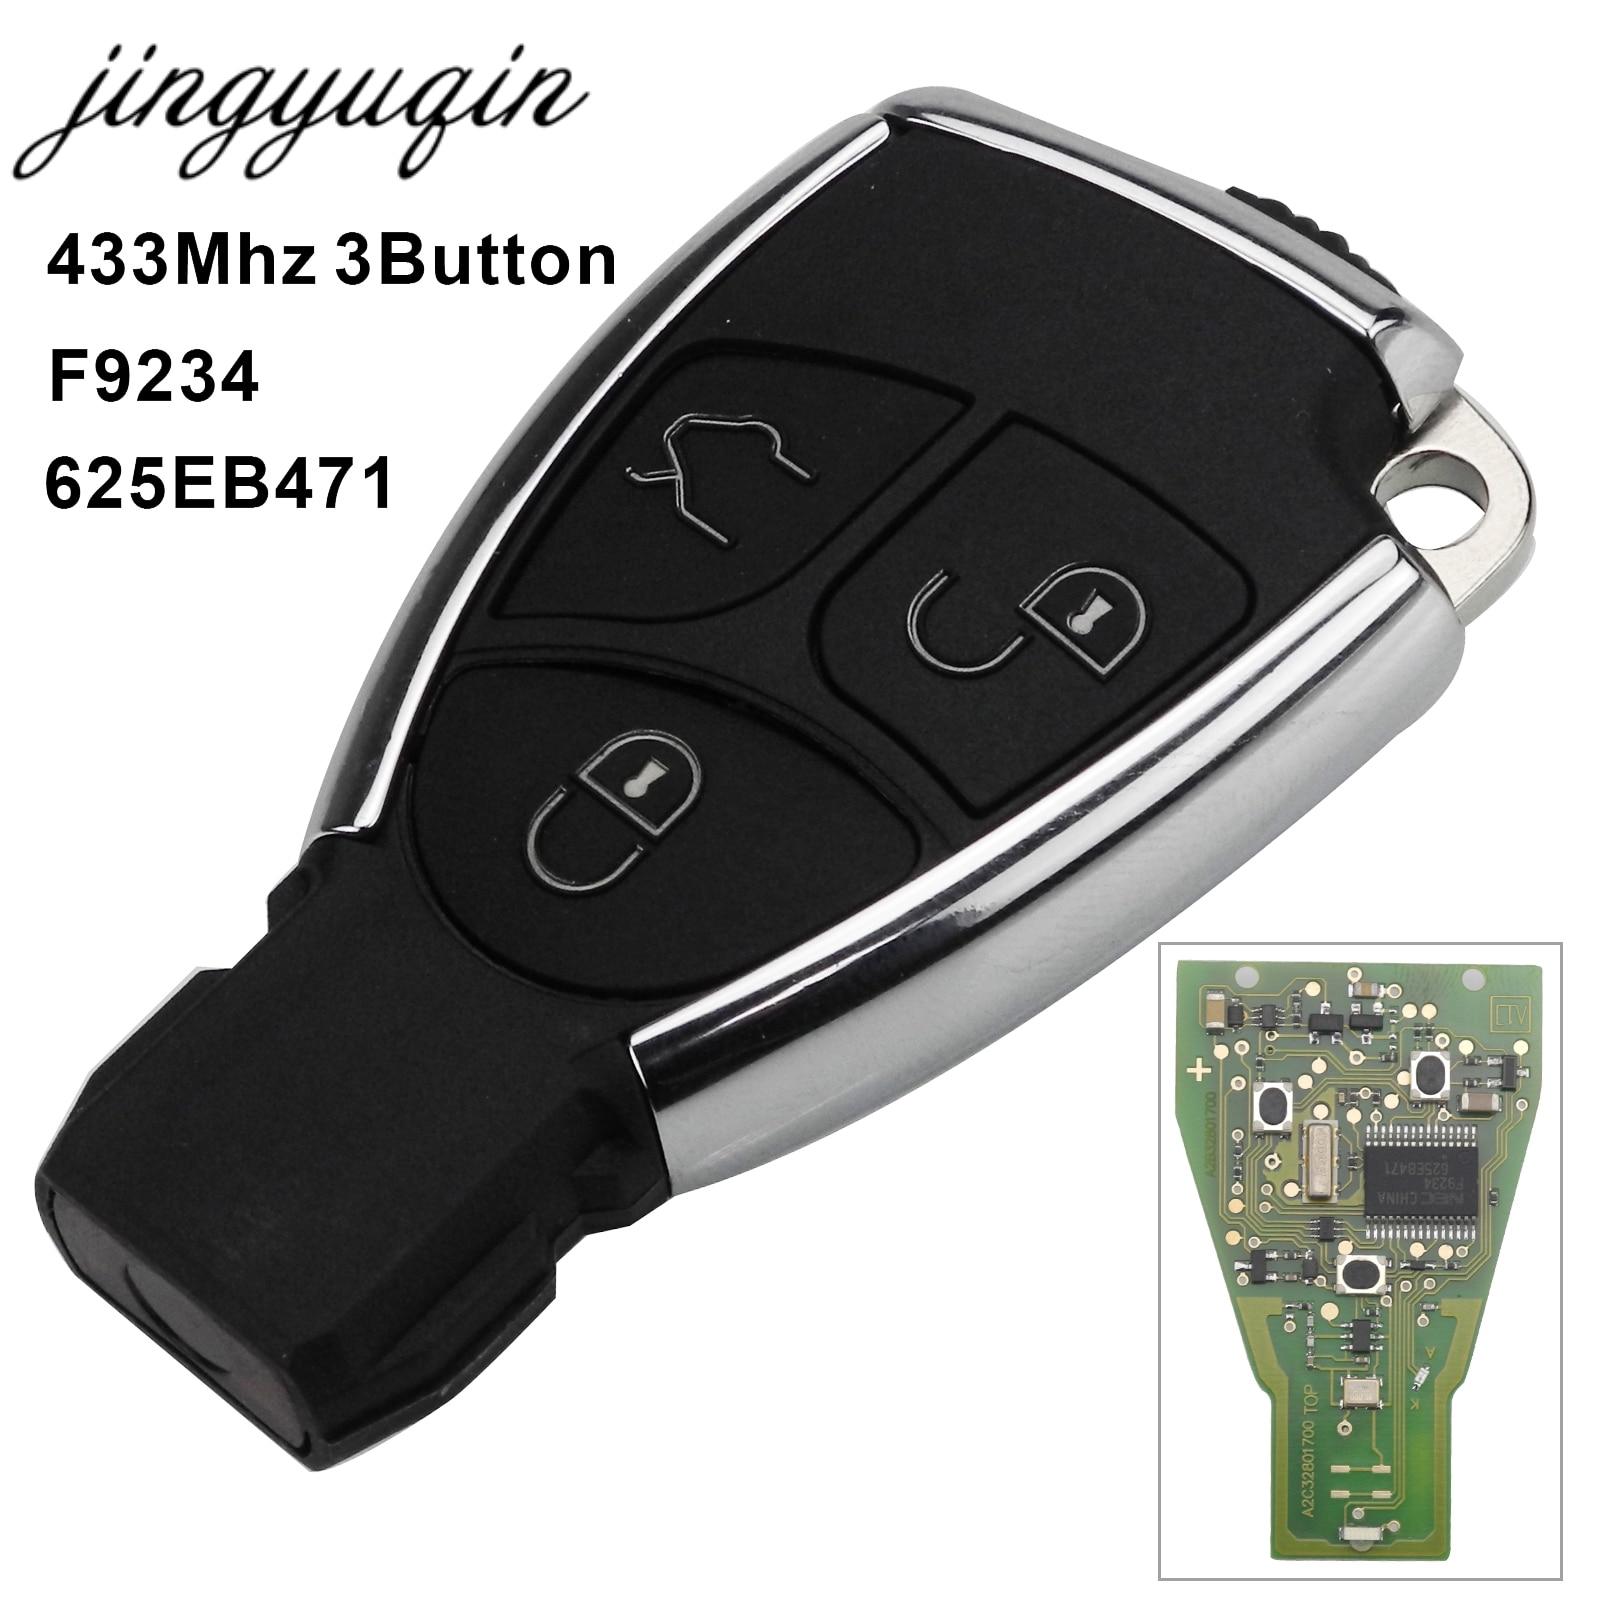 Jingyuqin Modifié Chrome 3 Boutons À Distance Clé Fob Pour Mercedes Benz B C E ML S CLK CL 433 mhz complte Contrôle Circuit Conseil